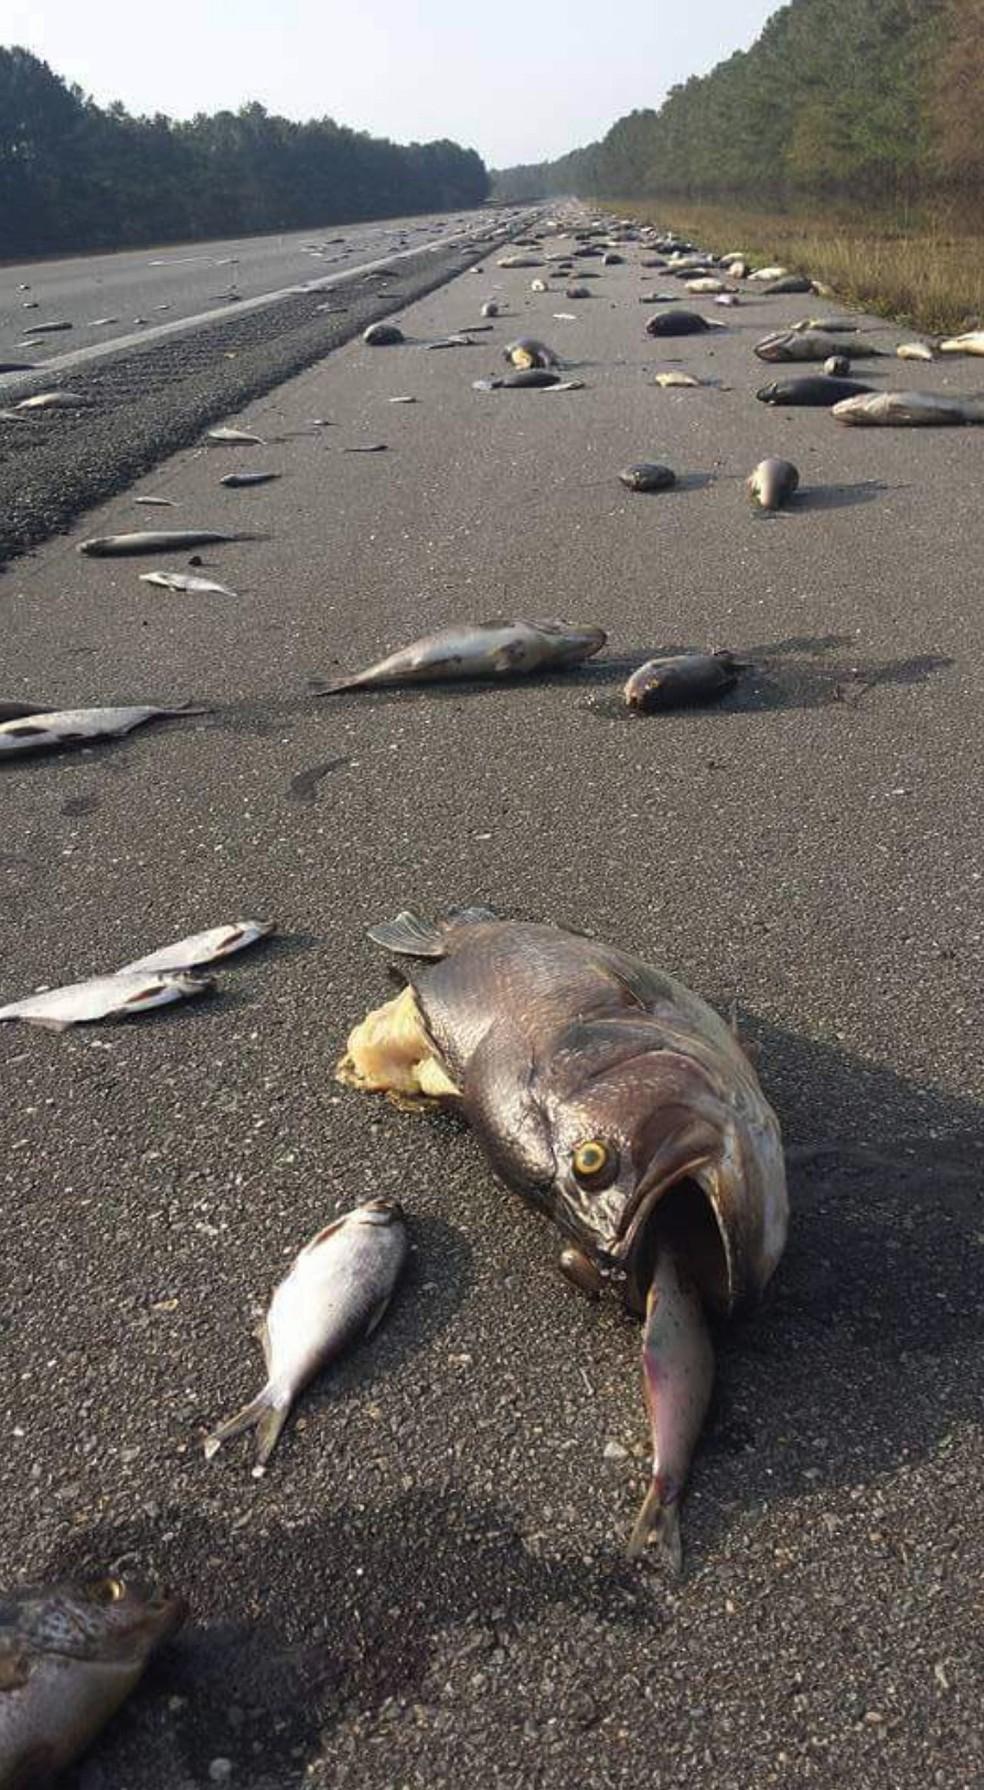 Peixes mortos são vistos em estrada na Carolina do Norte após inundações causadas pelo furacão Florence — Foto: Jeff Garrett/N.C. Department of Transportation via AP